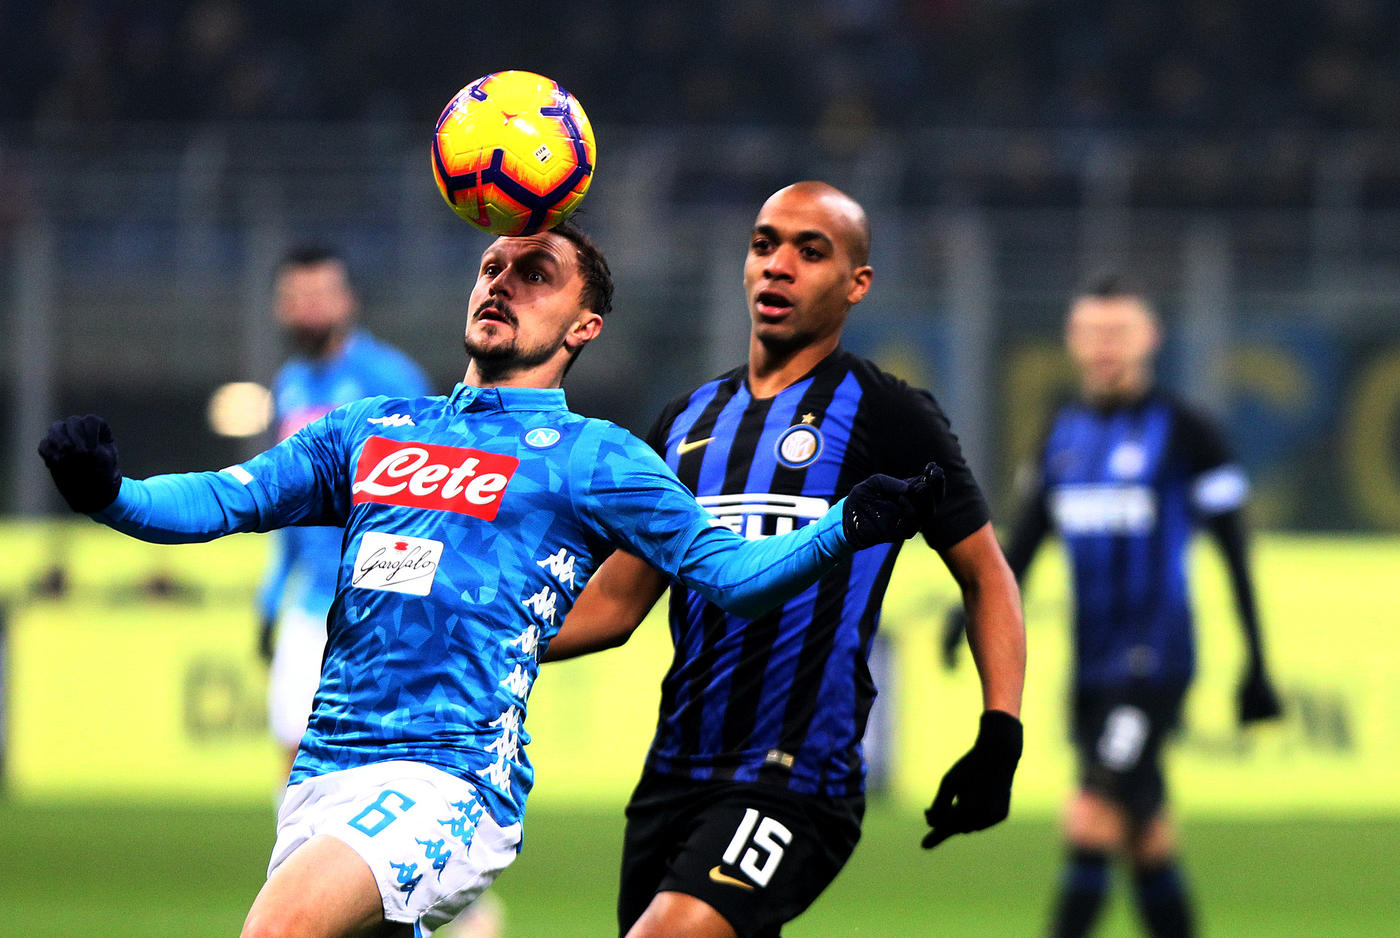 Nel posticipo della 18a giornata di Serie A, l'Inter batte 1-0 il Napoli e si porta a -5 dal secondo posto. A decidere la sfida di San Siro è un sinistro di Lautaro Martinez al 91' con gli azzurri in 10 per l'espulsione di Koulibaly (80') per applausi a Mazzoleni. Il senegalese, il migliore in campo, aveva salvato sulla linea su Icardi (43'), imitato da Asamoah su Zielinski (89'). Nel recupero rosso anche a Insigne. La Juve vola a +9.